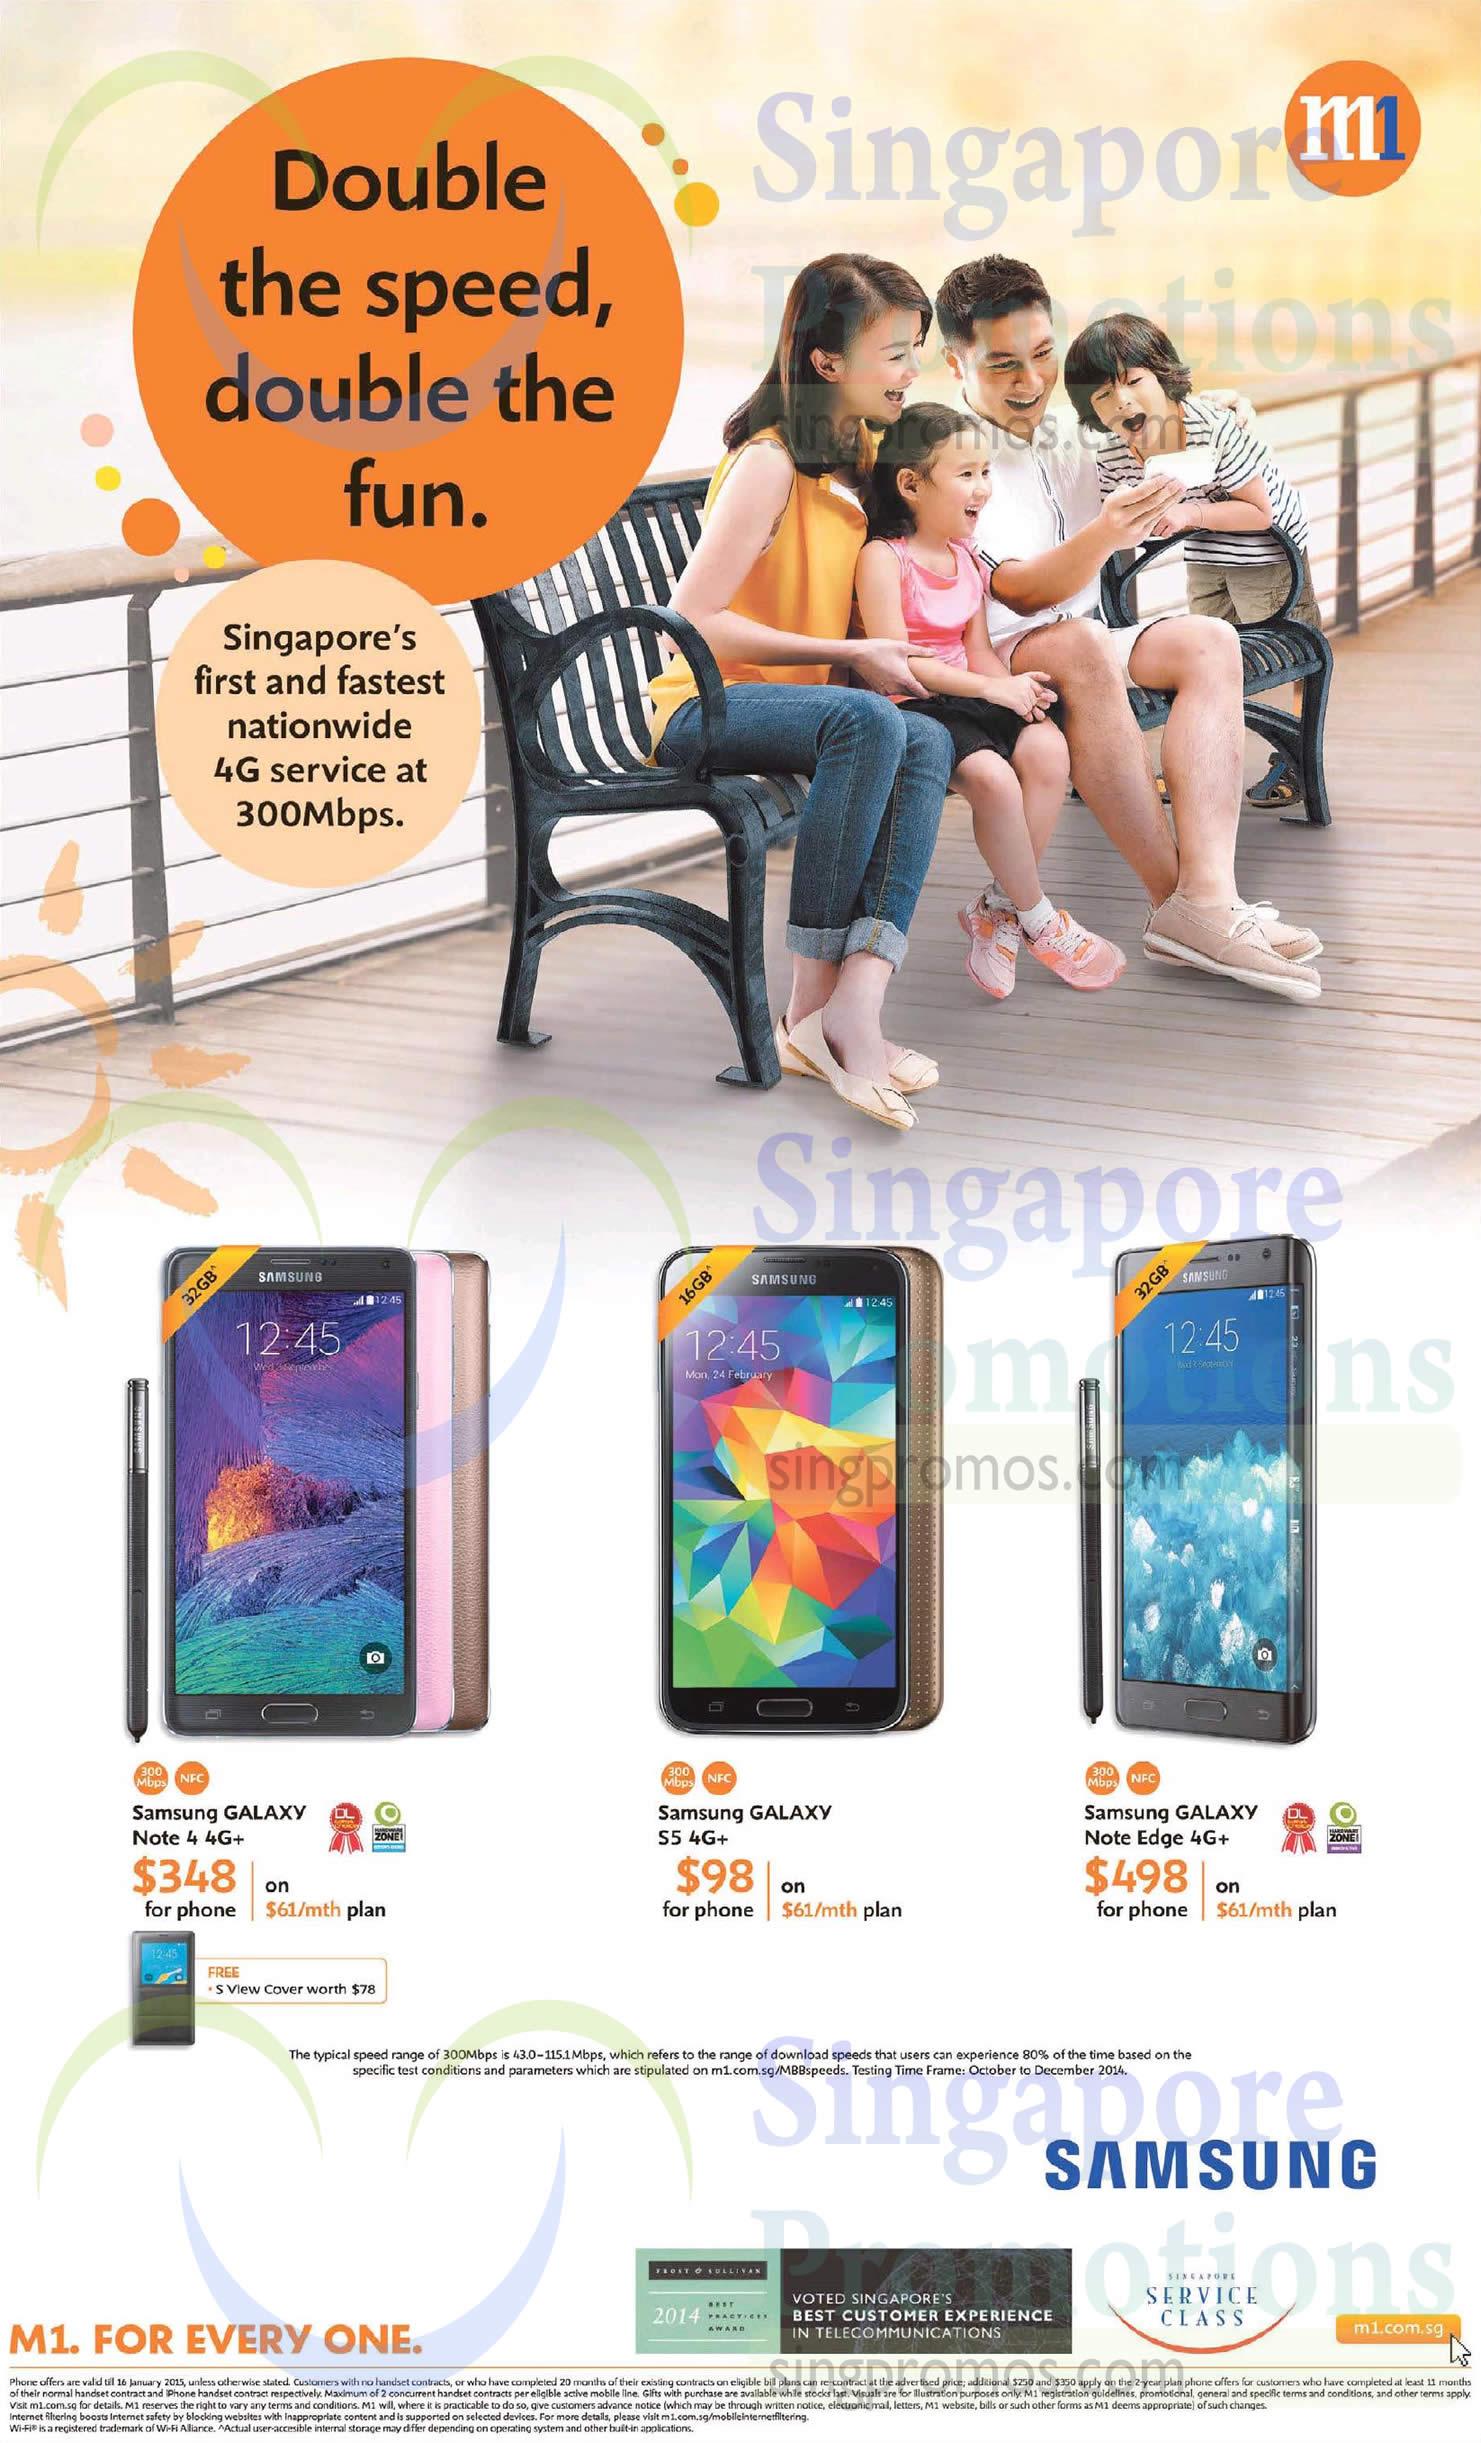 Samsung Galaxy Note 4, Samsung Galaxy S5, Samsung Galaxy Note Edge